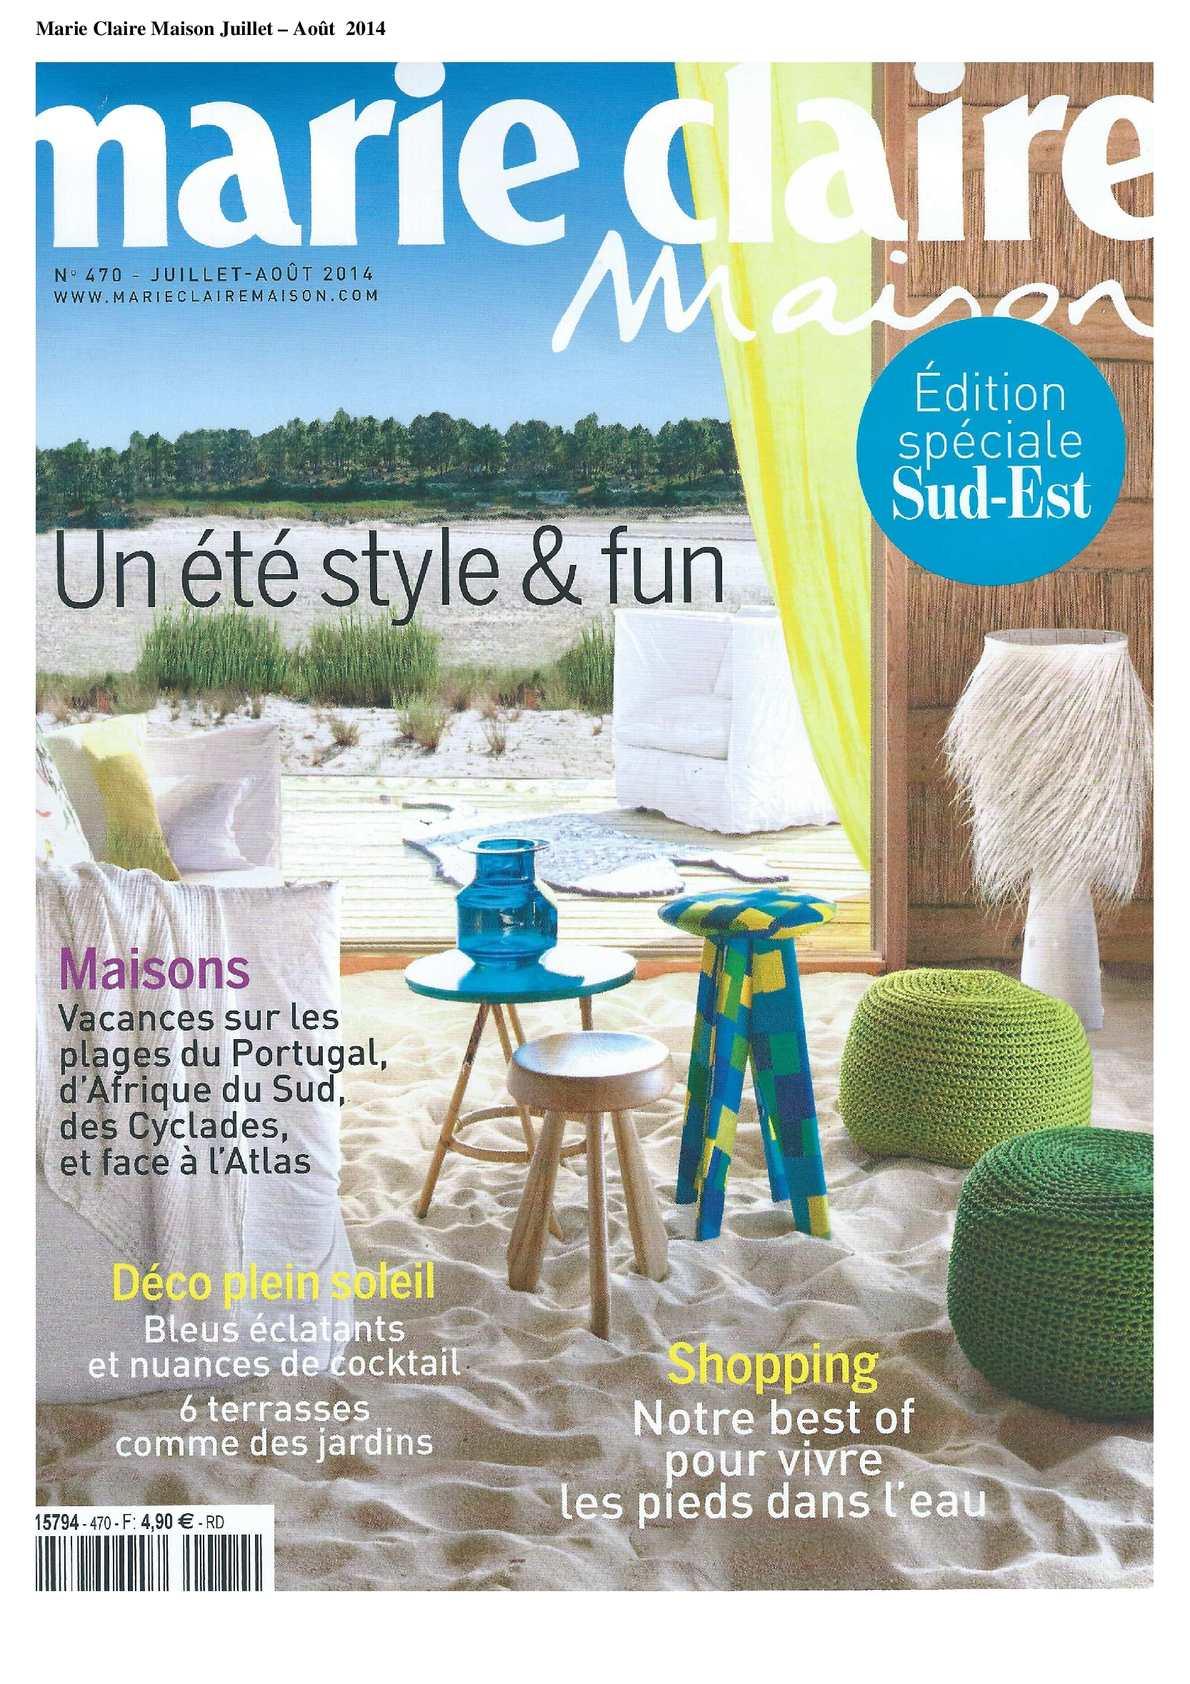 Marie Claire Maison Juillet 2014